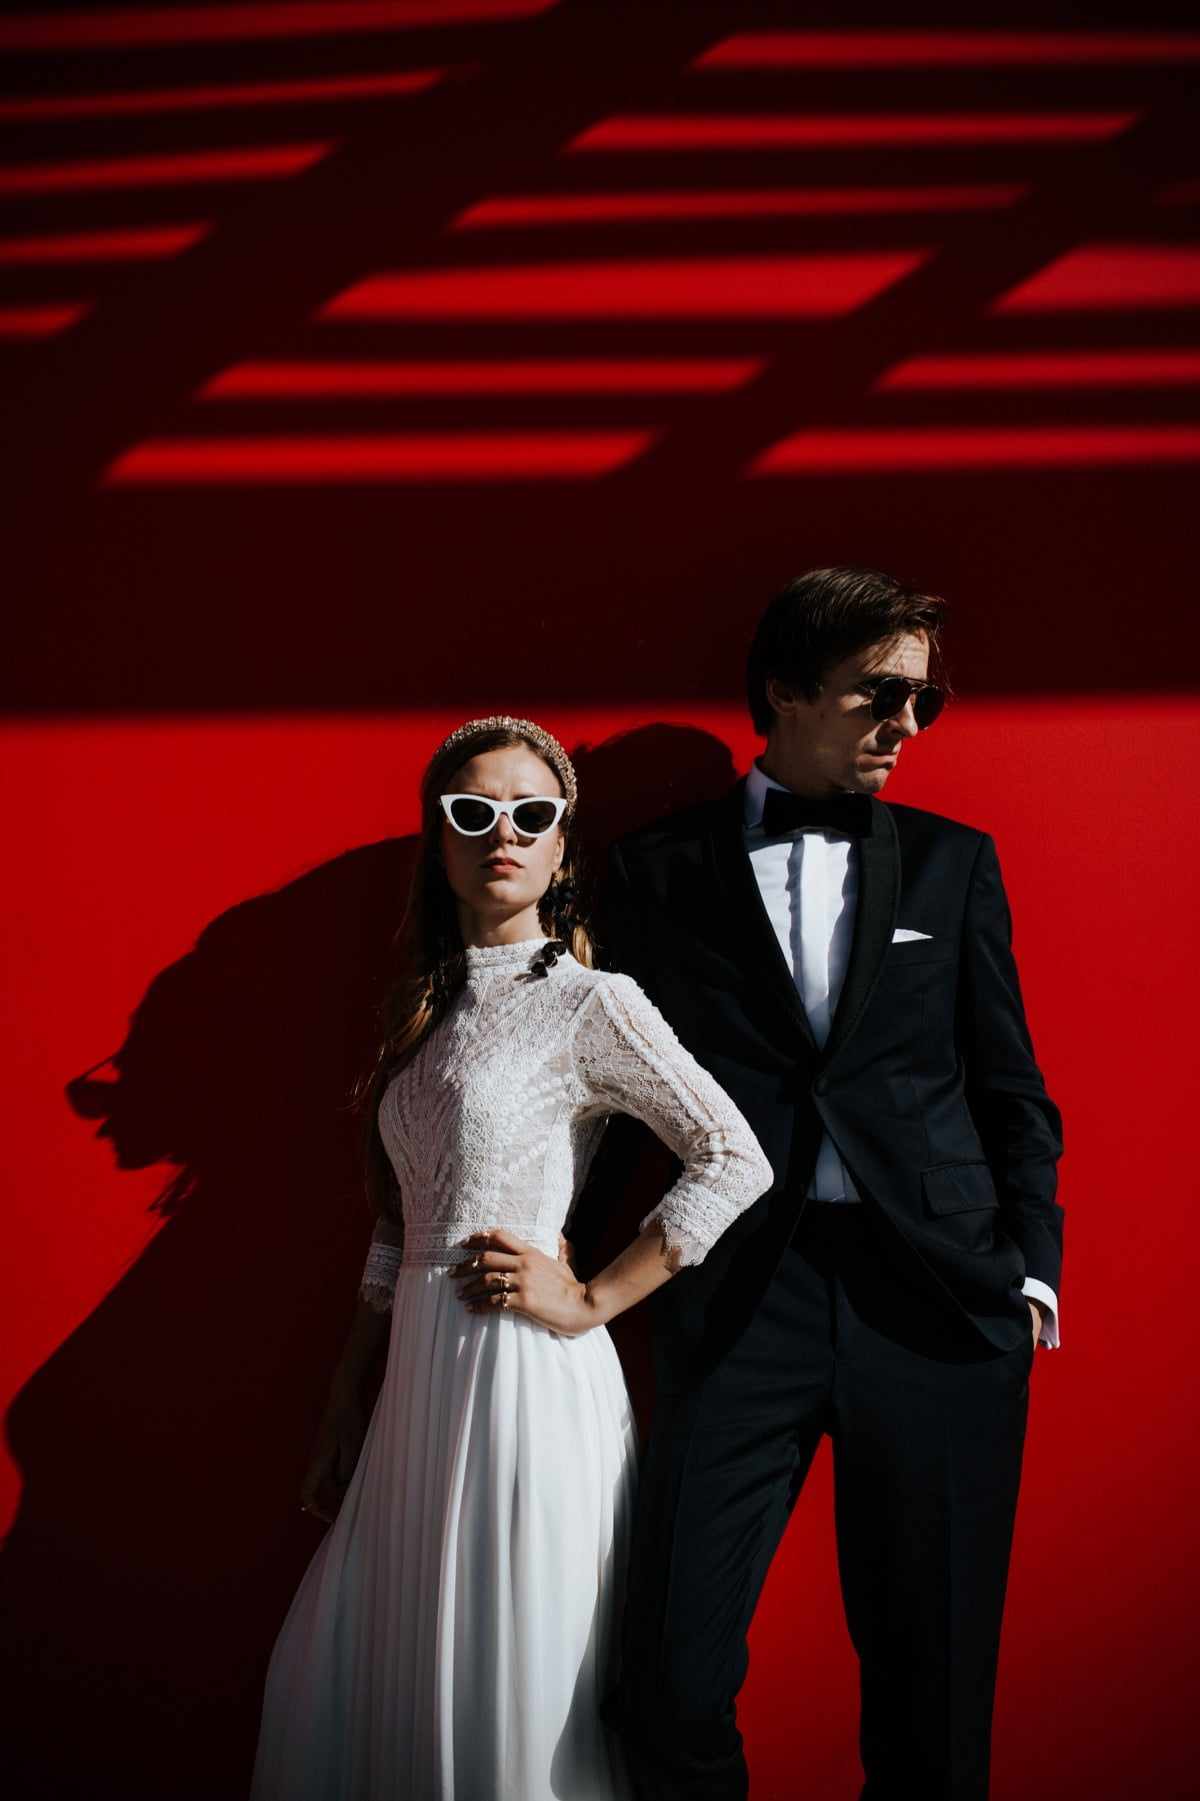 Wenecja plaża, ślub na plaży, beach wedding Italy, Festiwal Filmowy w Wenecji, Venice Biennale